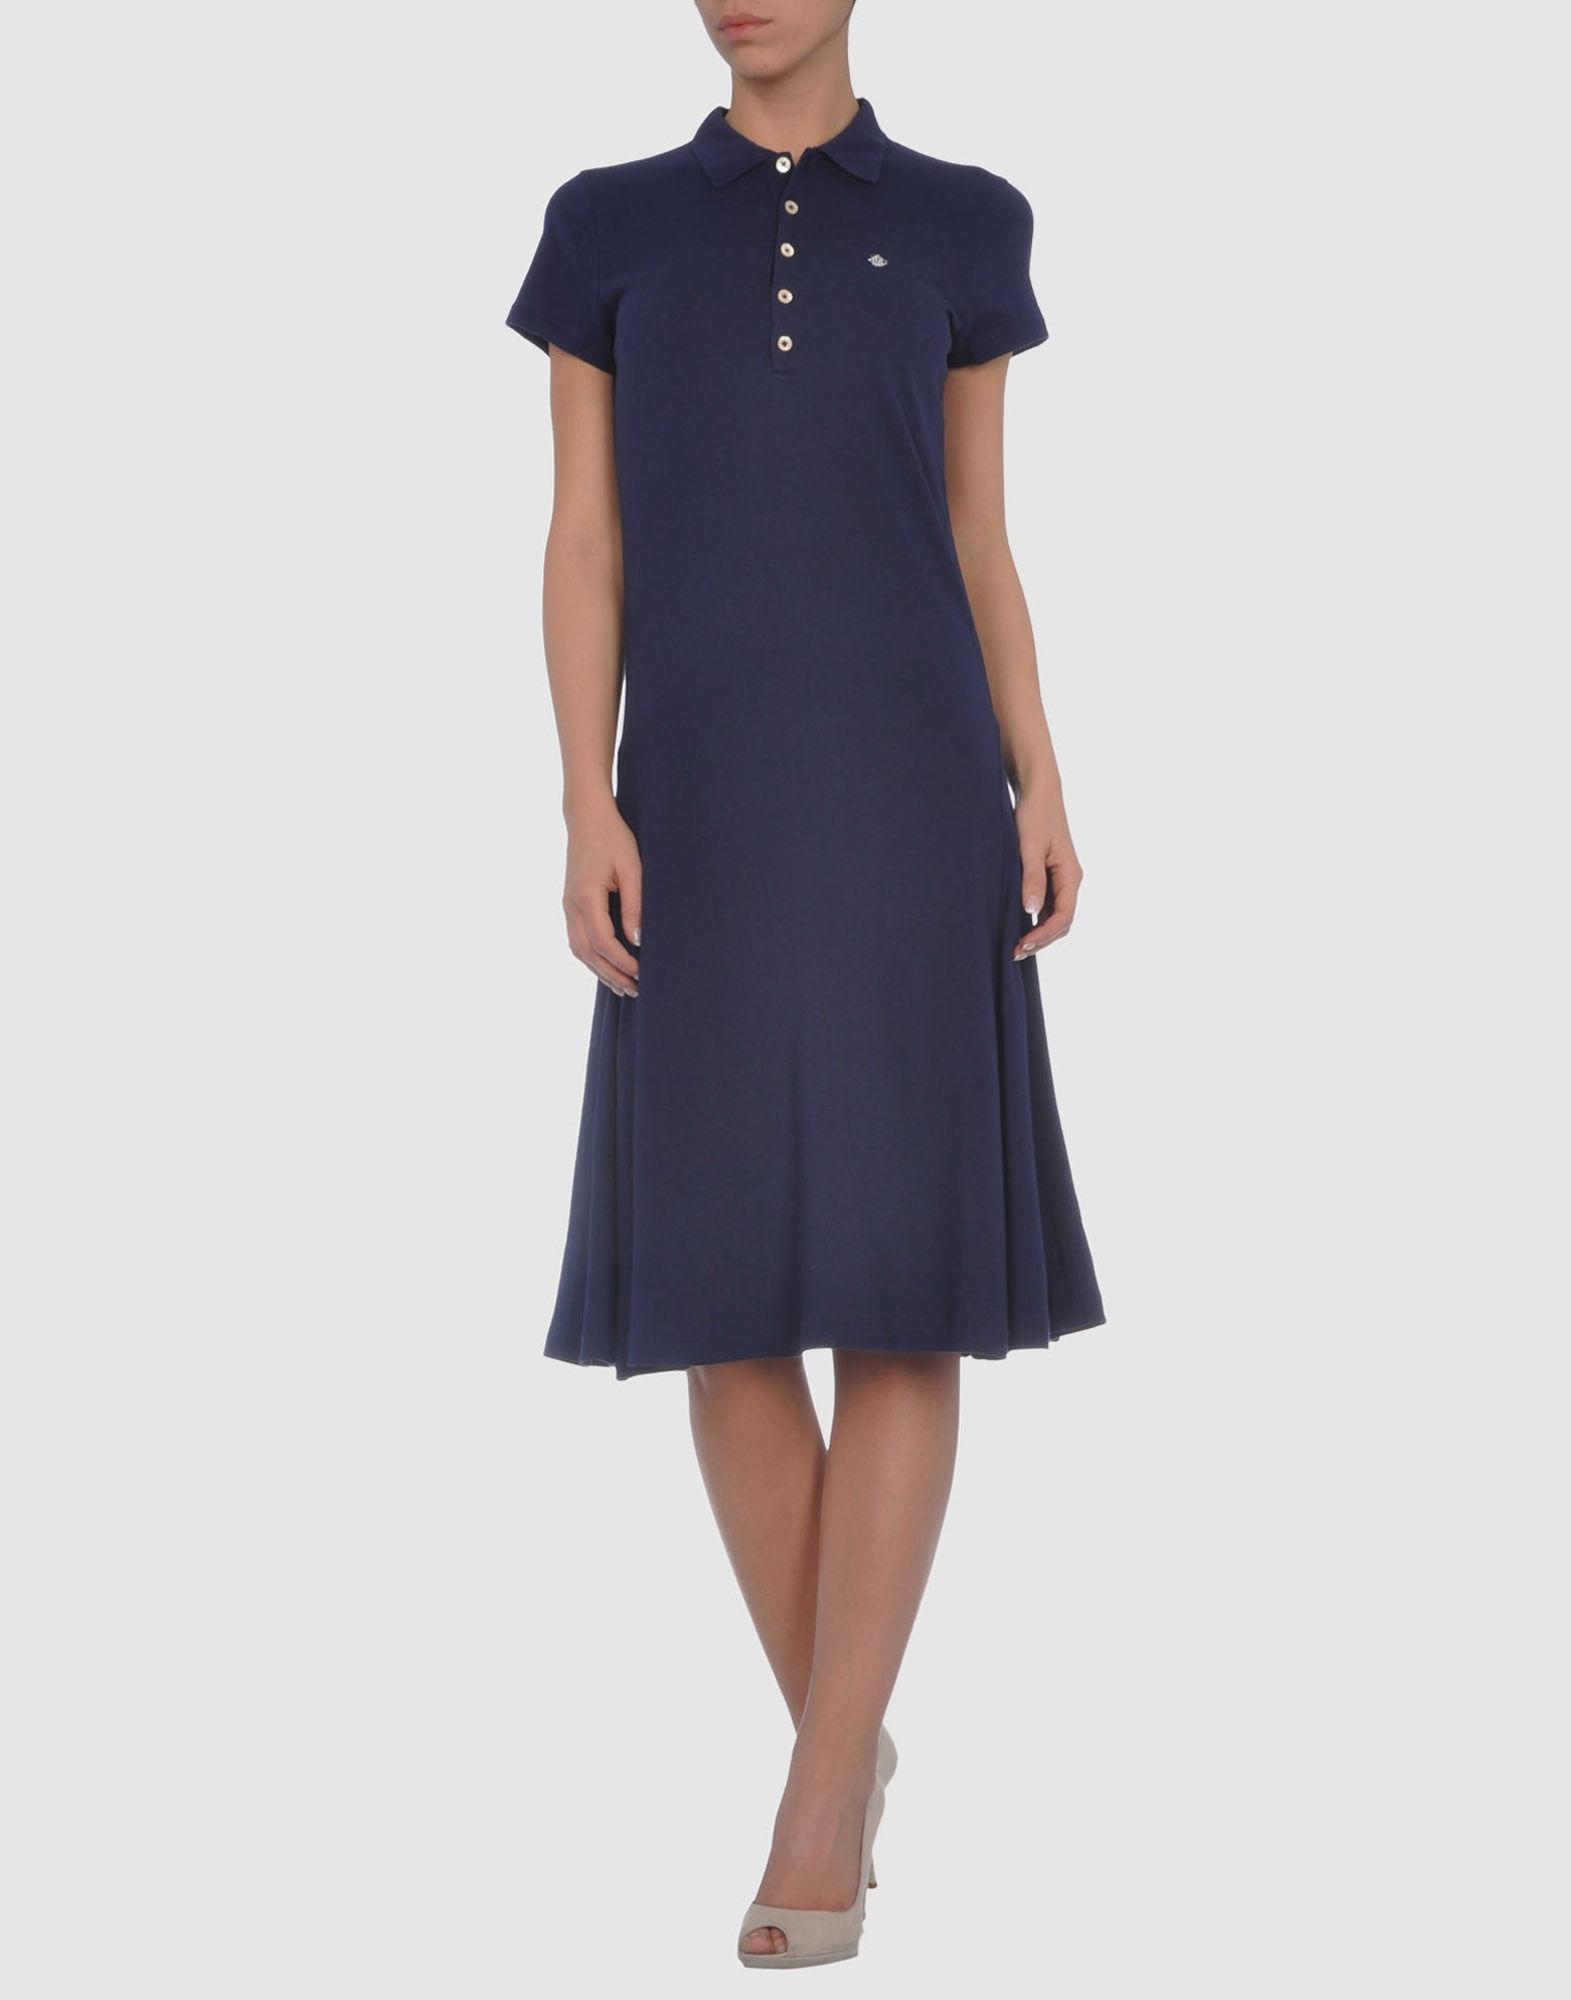 54893cde99b3c Lyst - Ralph Lauren Wimbledon Piqué Mesh Dress in Blue